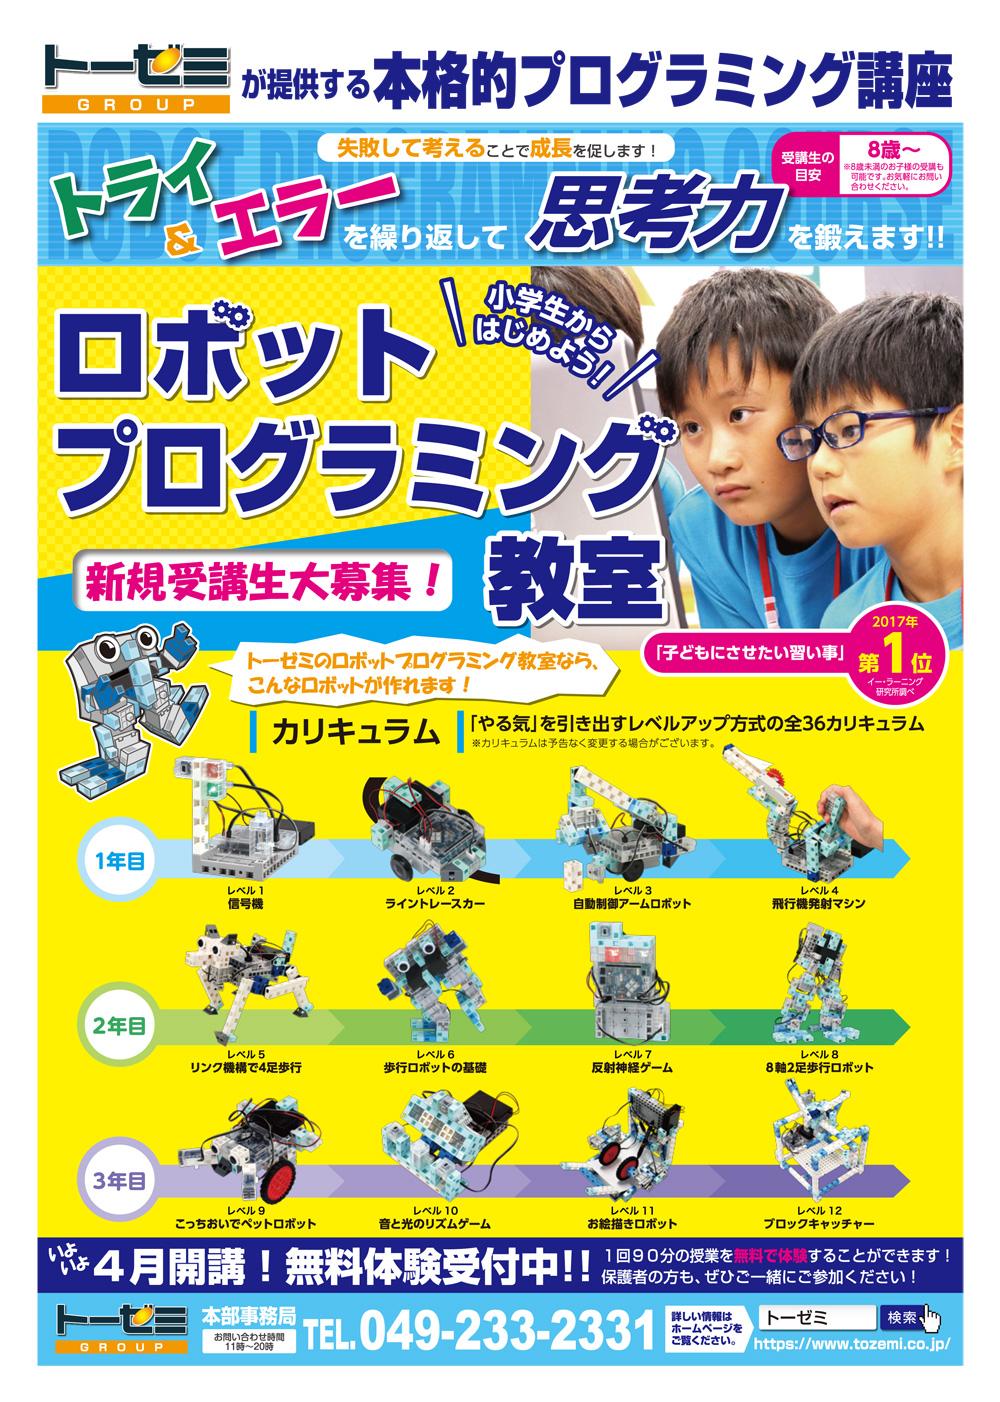 新聞折込チラシ(ロボットプログラミング教室 開講!:川越市 伊勢原校)